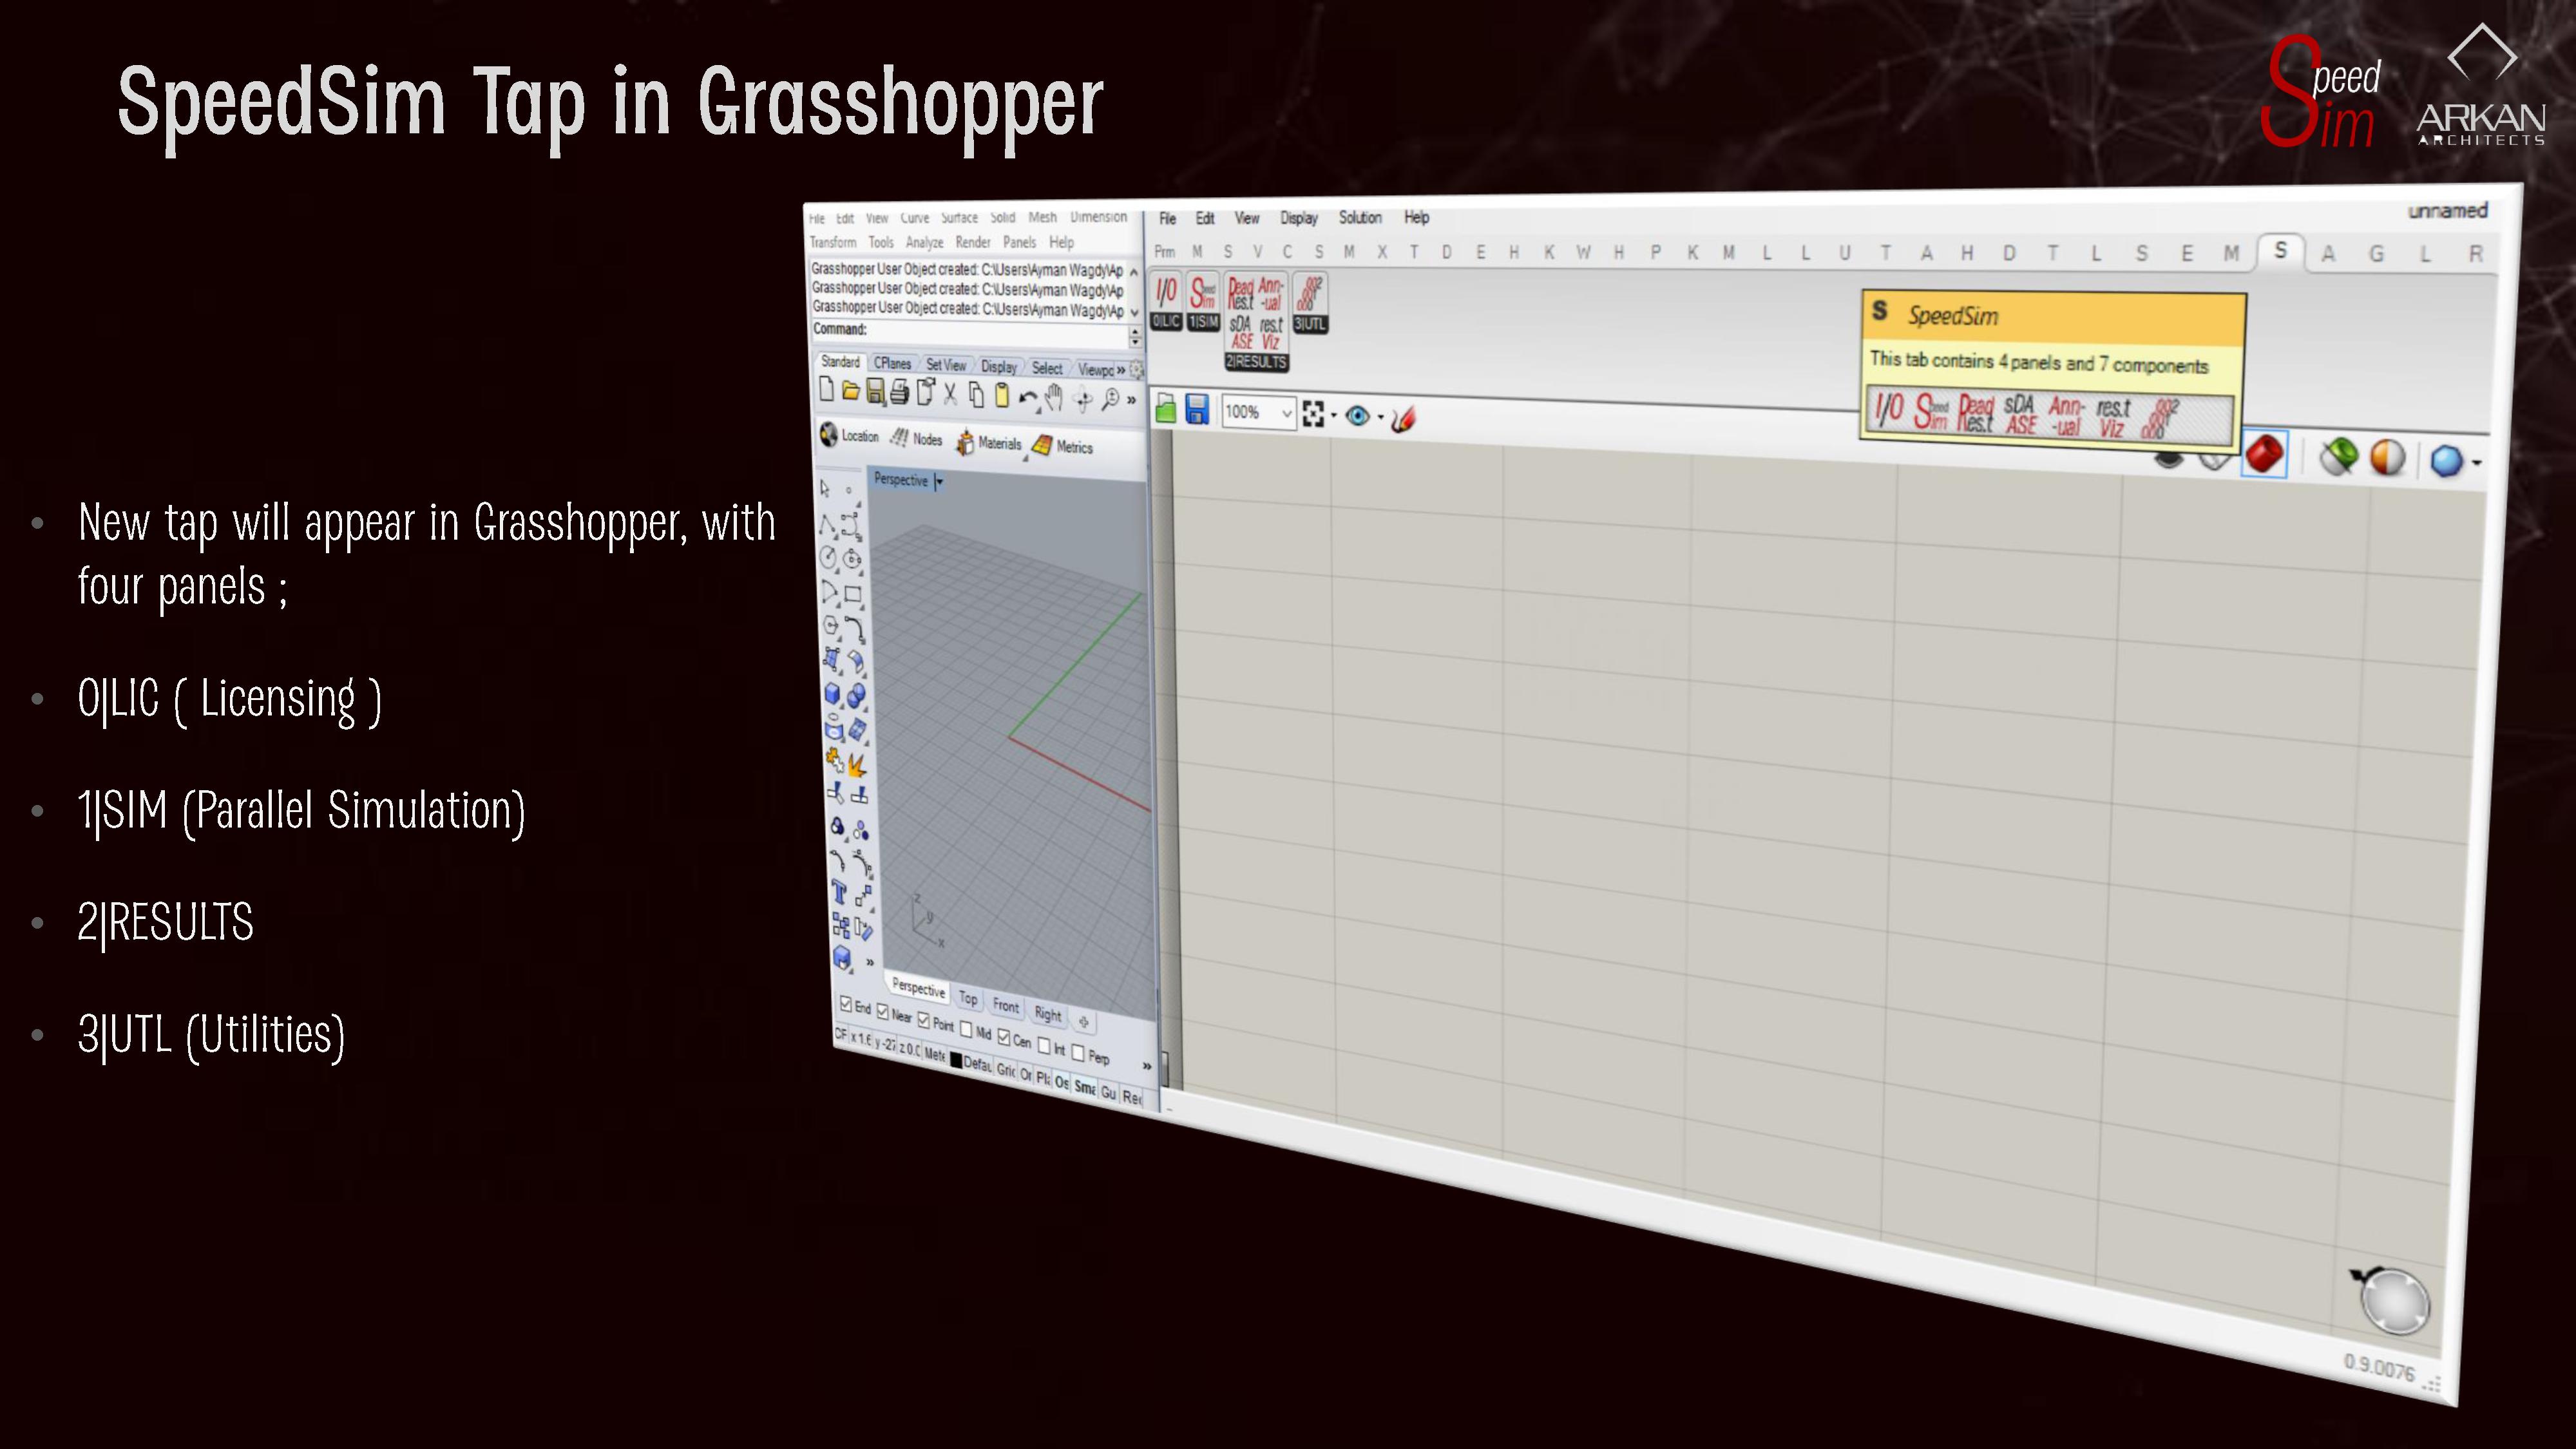 SpeedSim Tap in Grasshopper